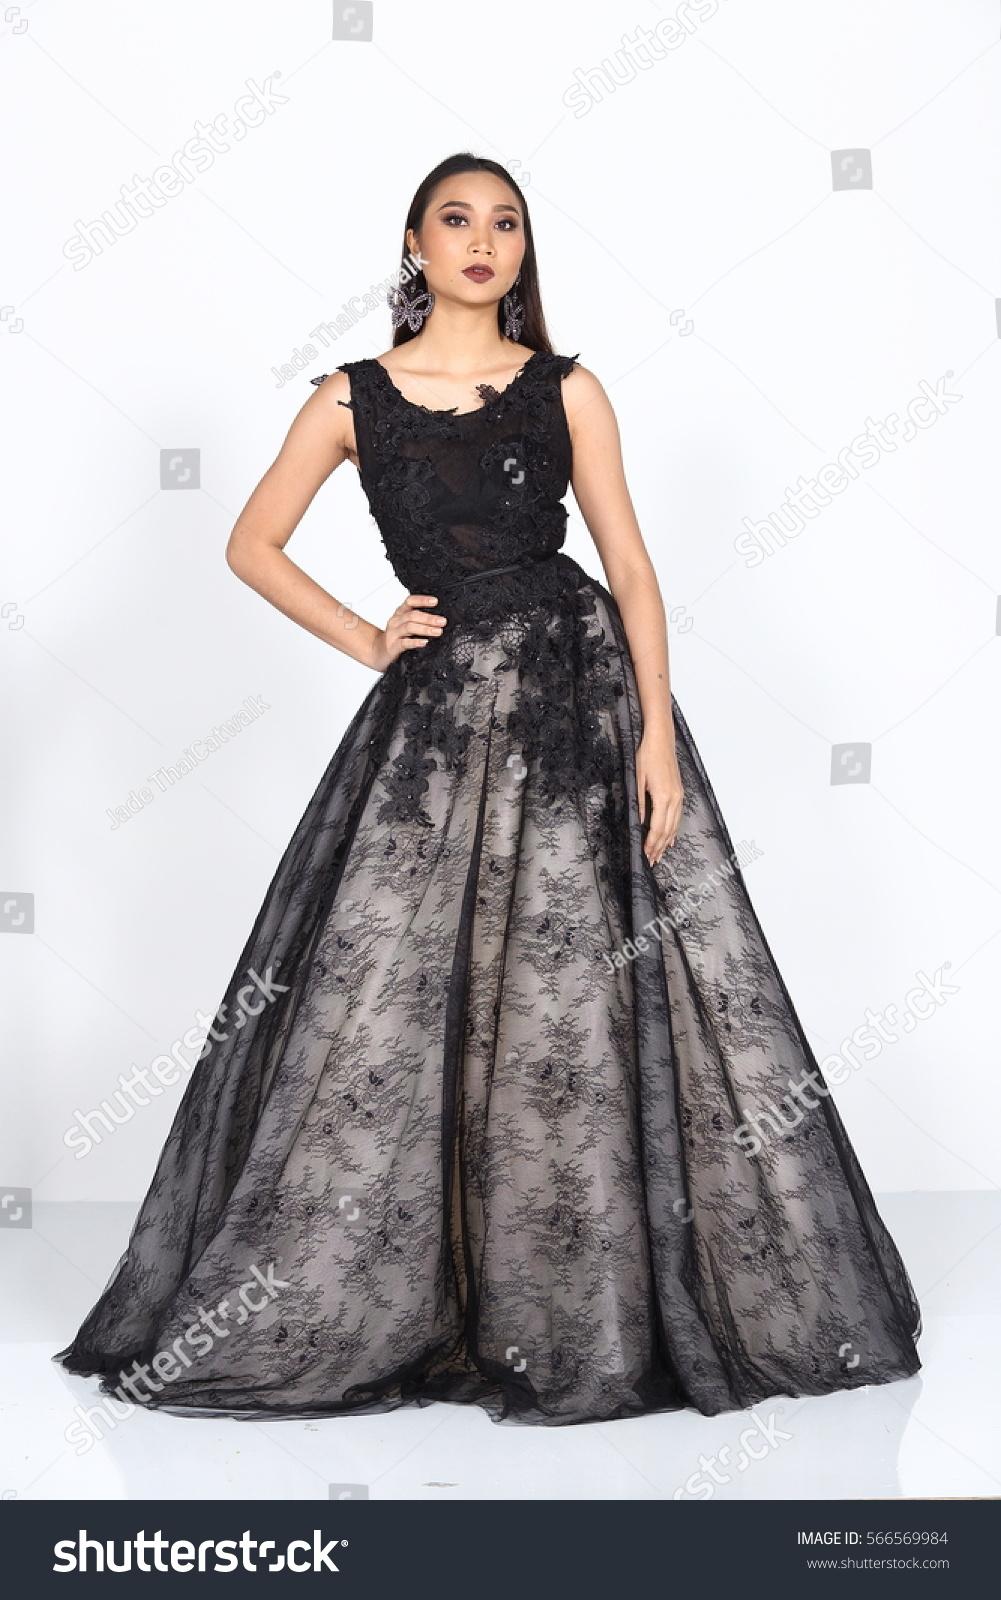 Tan Skin Woman Model Black Long Stock Photo (Royalty Free) 566569984 ...